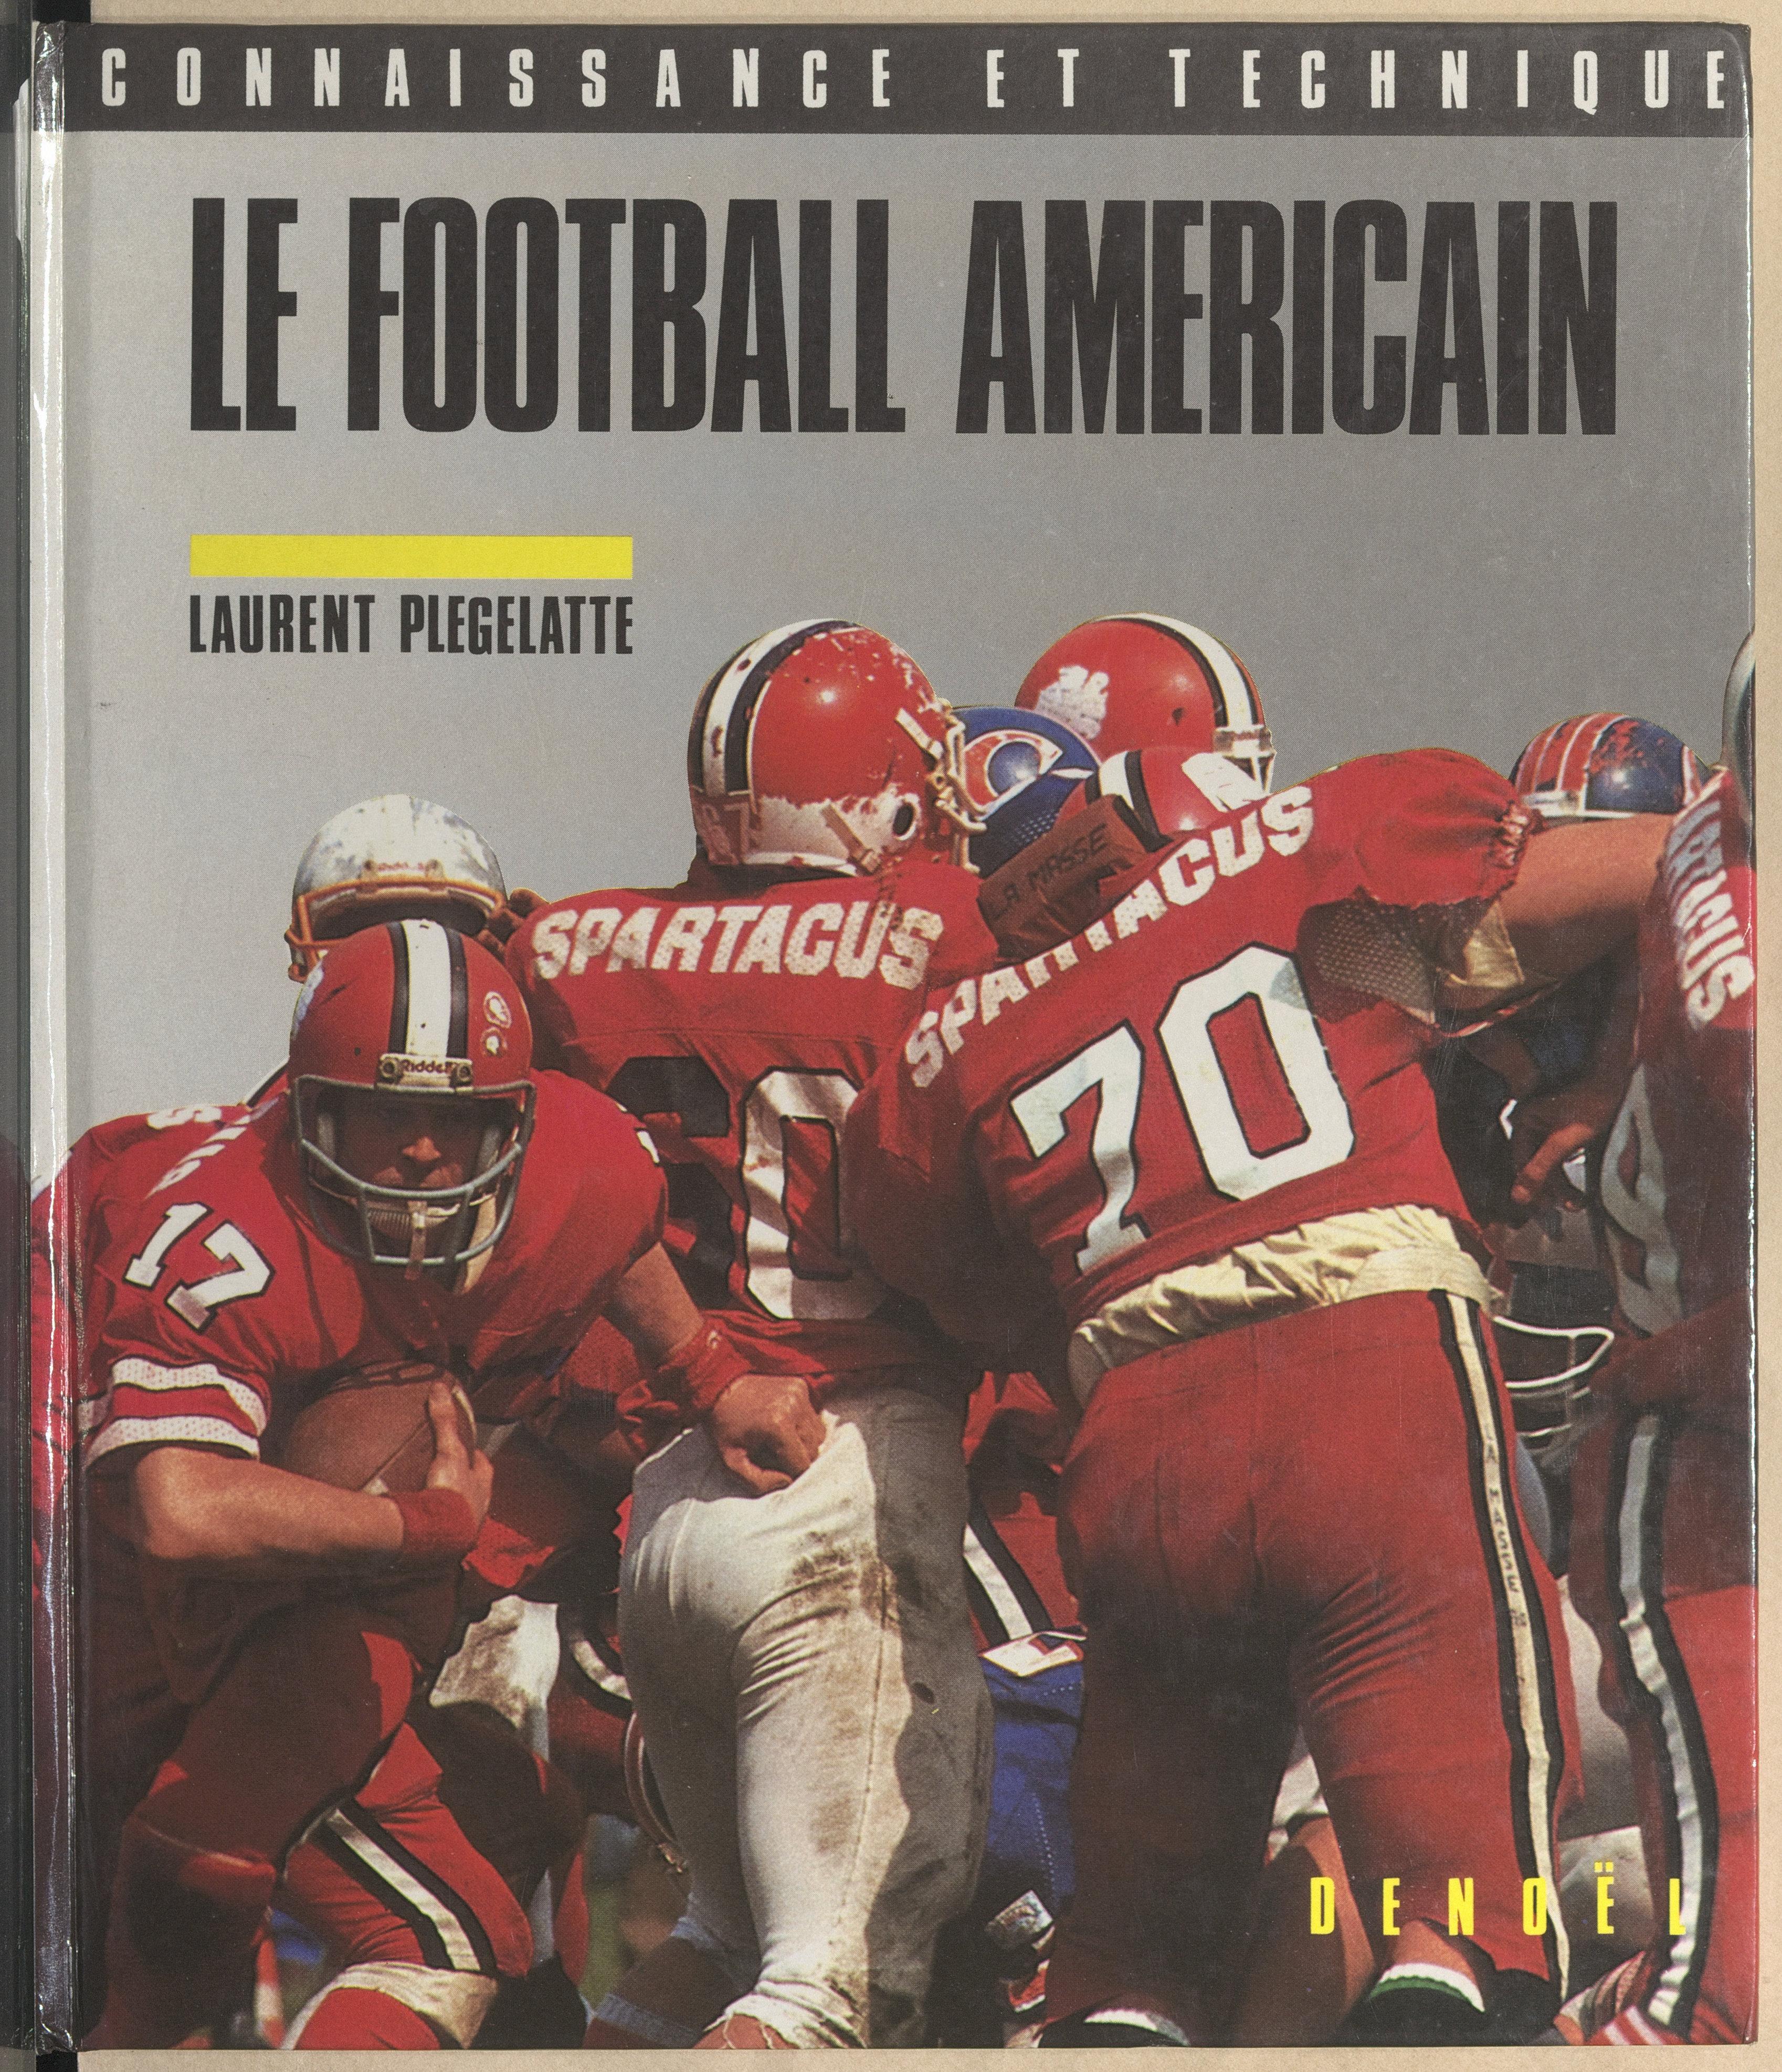 Le football américain